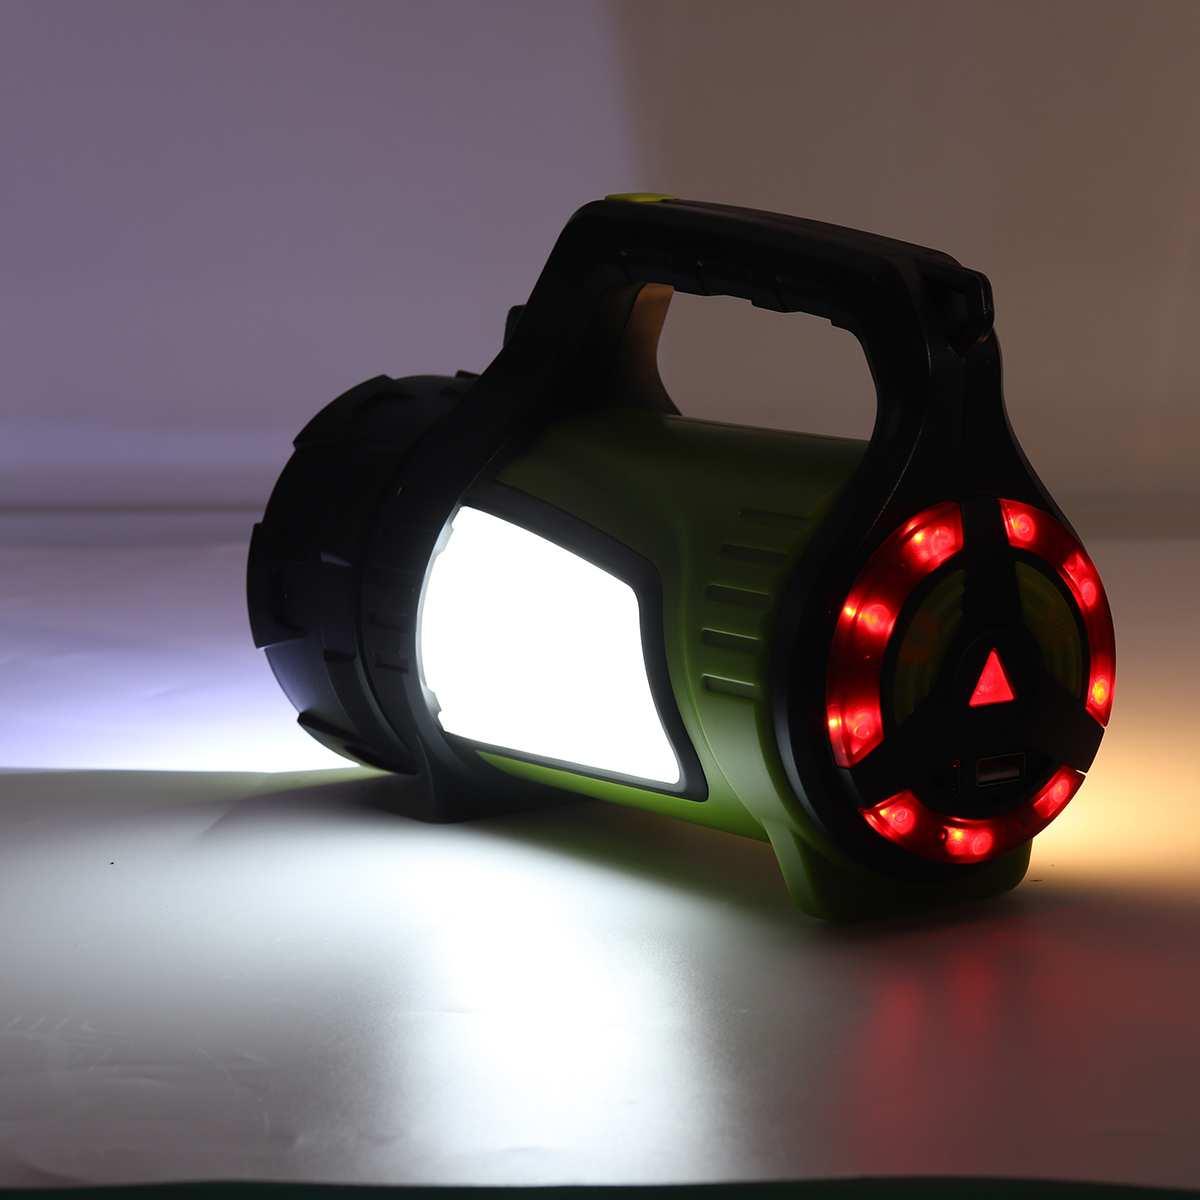 Супер яркий Мощный USB светодиодный вспышка светильник поиска фонари 2 боковых ночной Светильник лампы ручной фонарь, фонарь для кемпинга ак